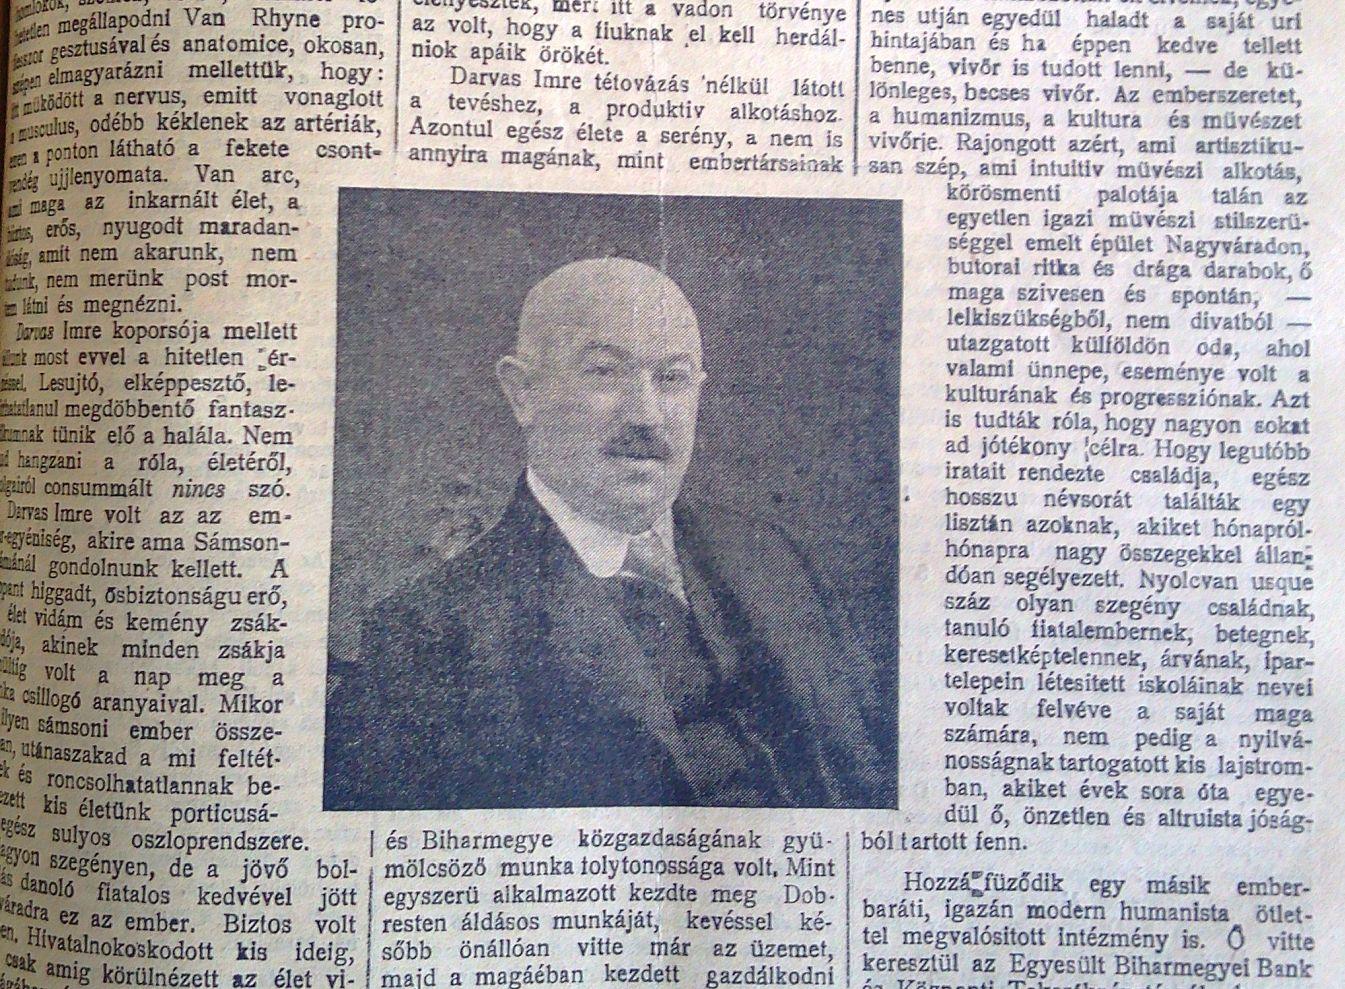 Darvas Imre portréja a Nagyváradi Napló 1913. május 8-i címoldalán, a halála utáni egész oldalas búcsúztató írásban elhelyezve